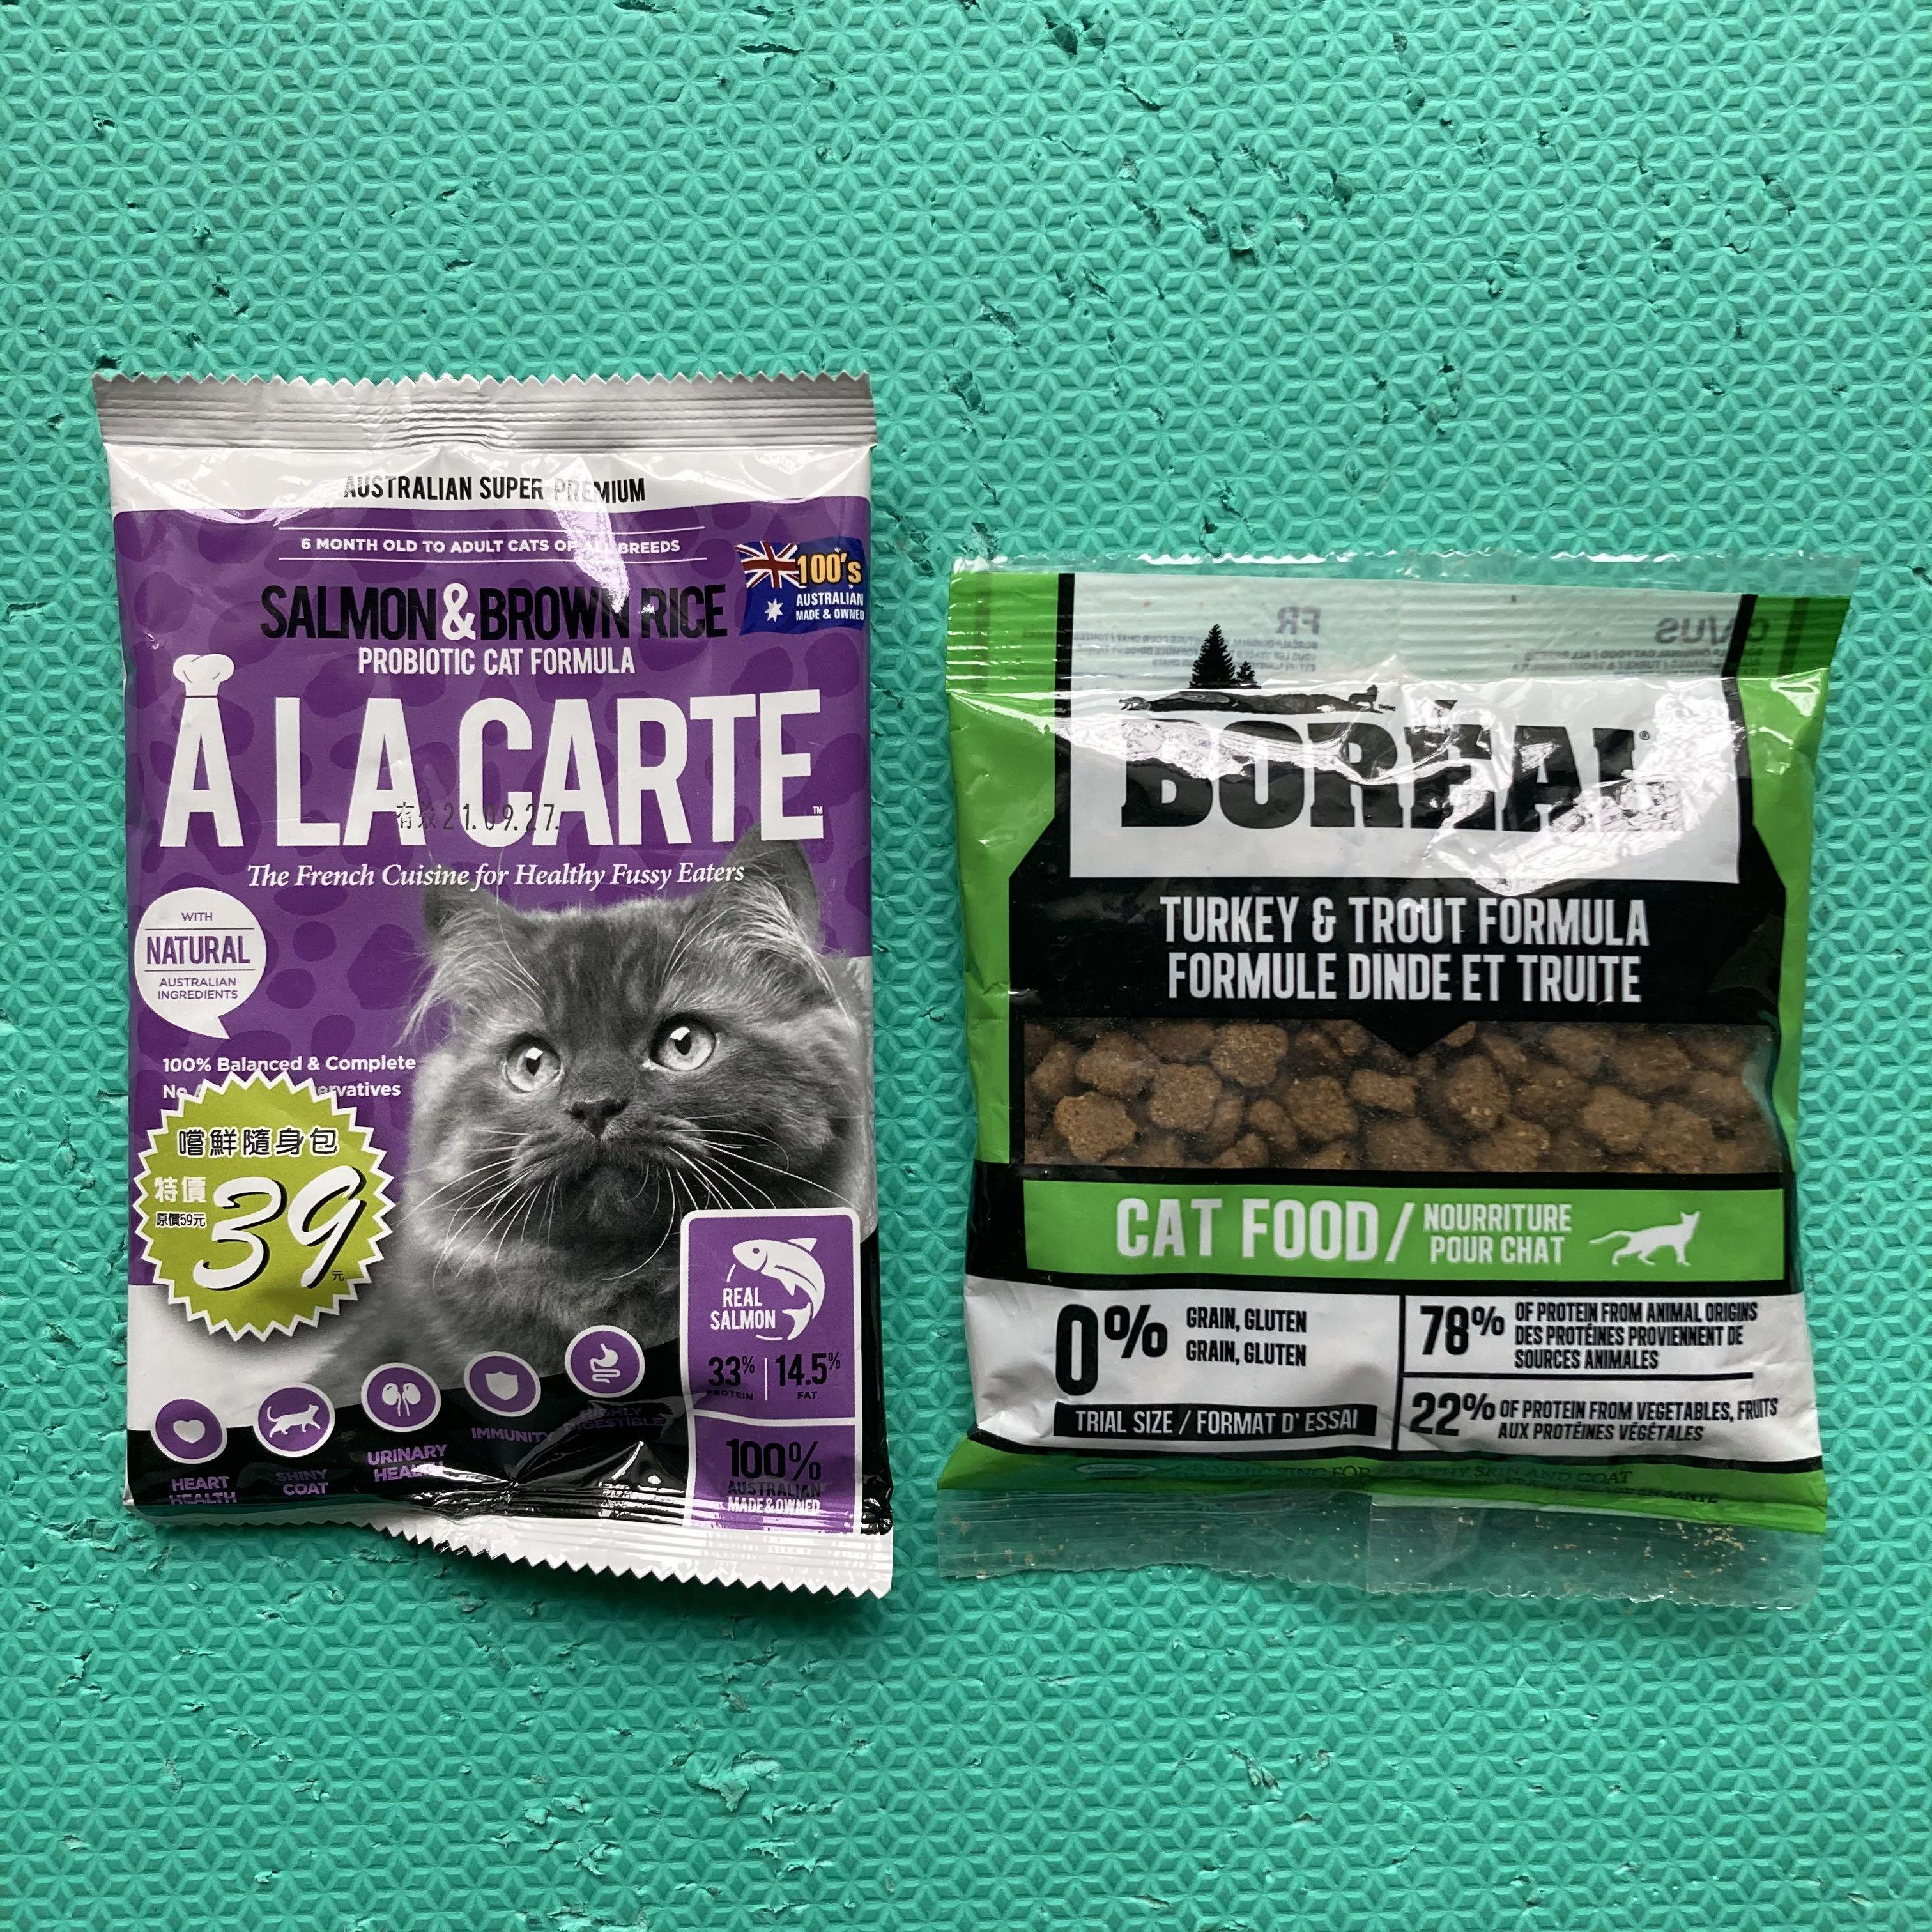 【條件送】A LA CARTE 阿拉卡特 天然糧 40g 嚐鮮隨身包 鮭魚 益生菌配方BOREAL 無穀海陸野饌貓配方  貓 貓糧 飼料 乾乾